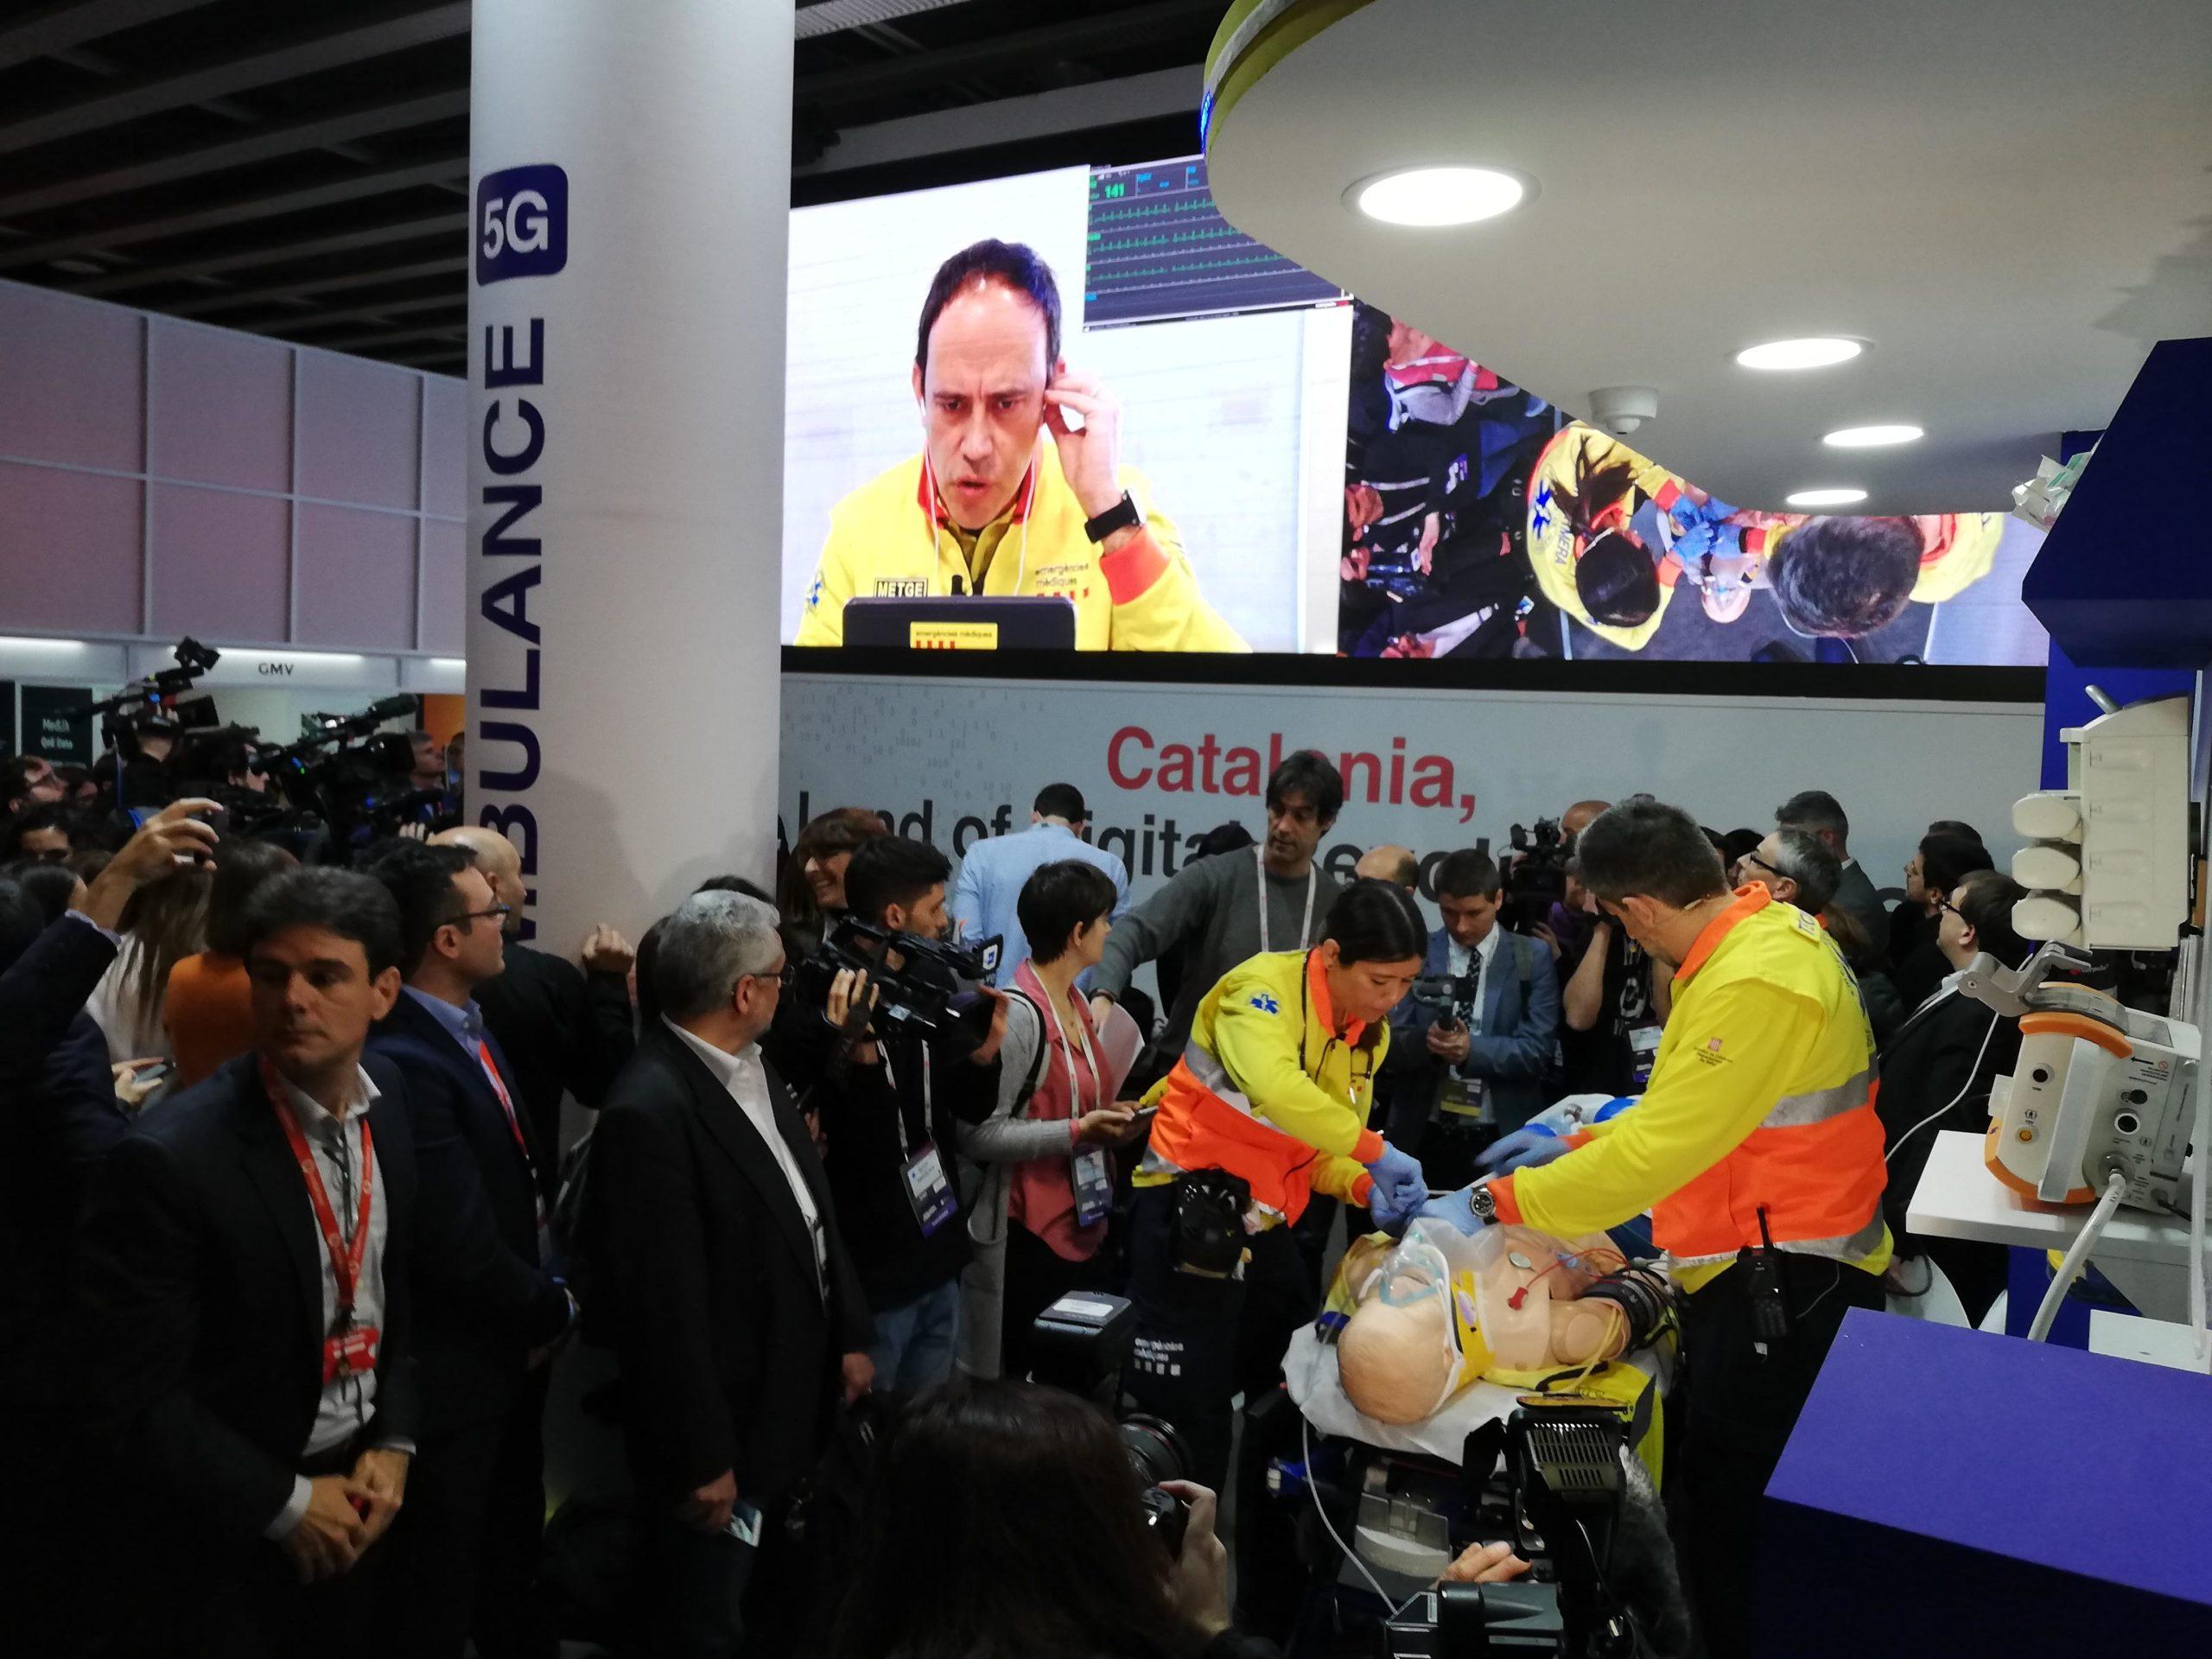 Demostració d'una ambulància amb 5G al MWC del 2019 / XFDC